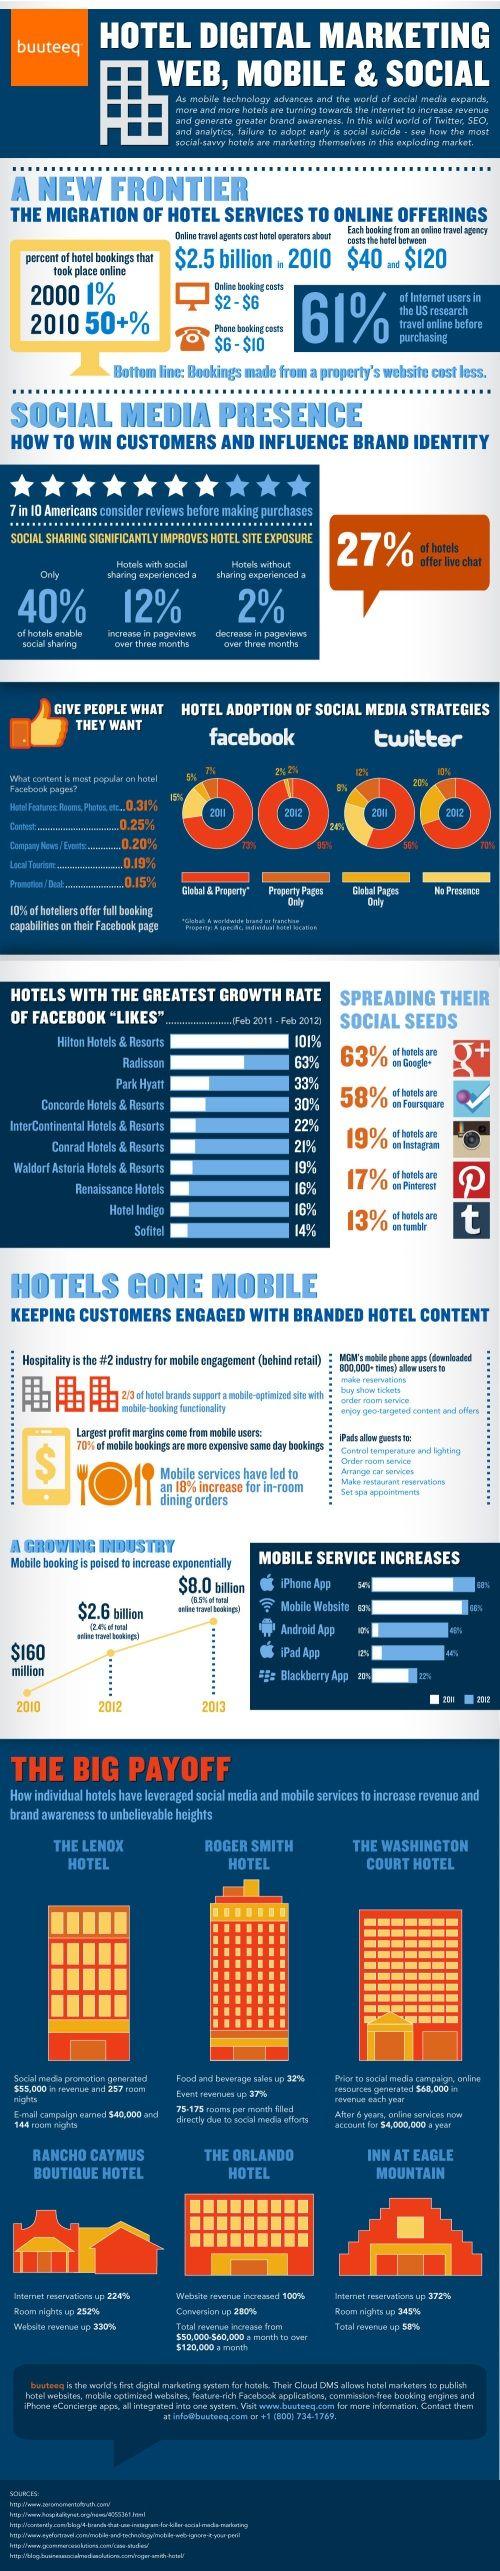 L'impact des Réseaux Sociaux et de la mobilité en milieu hôtellier.